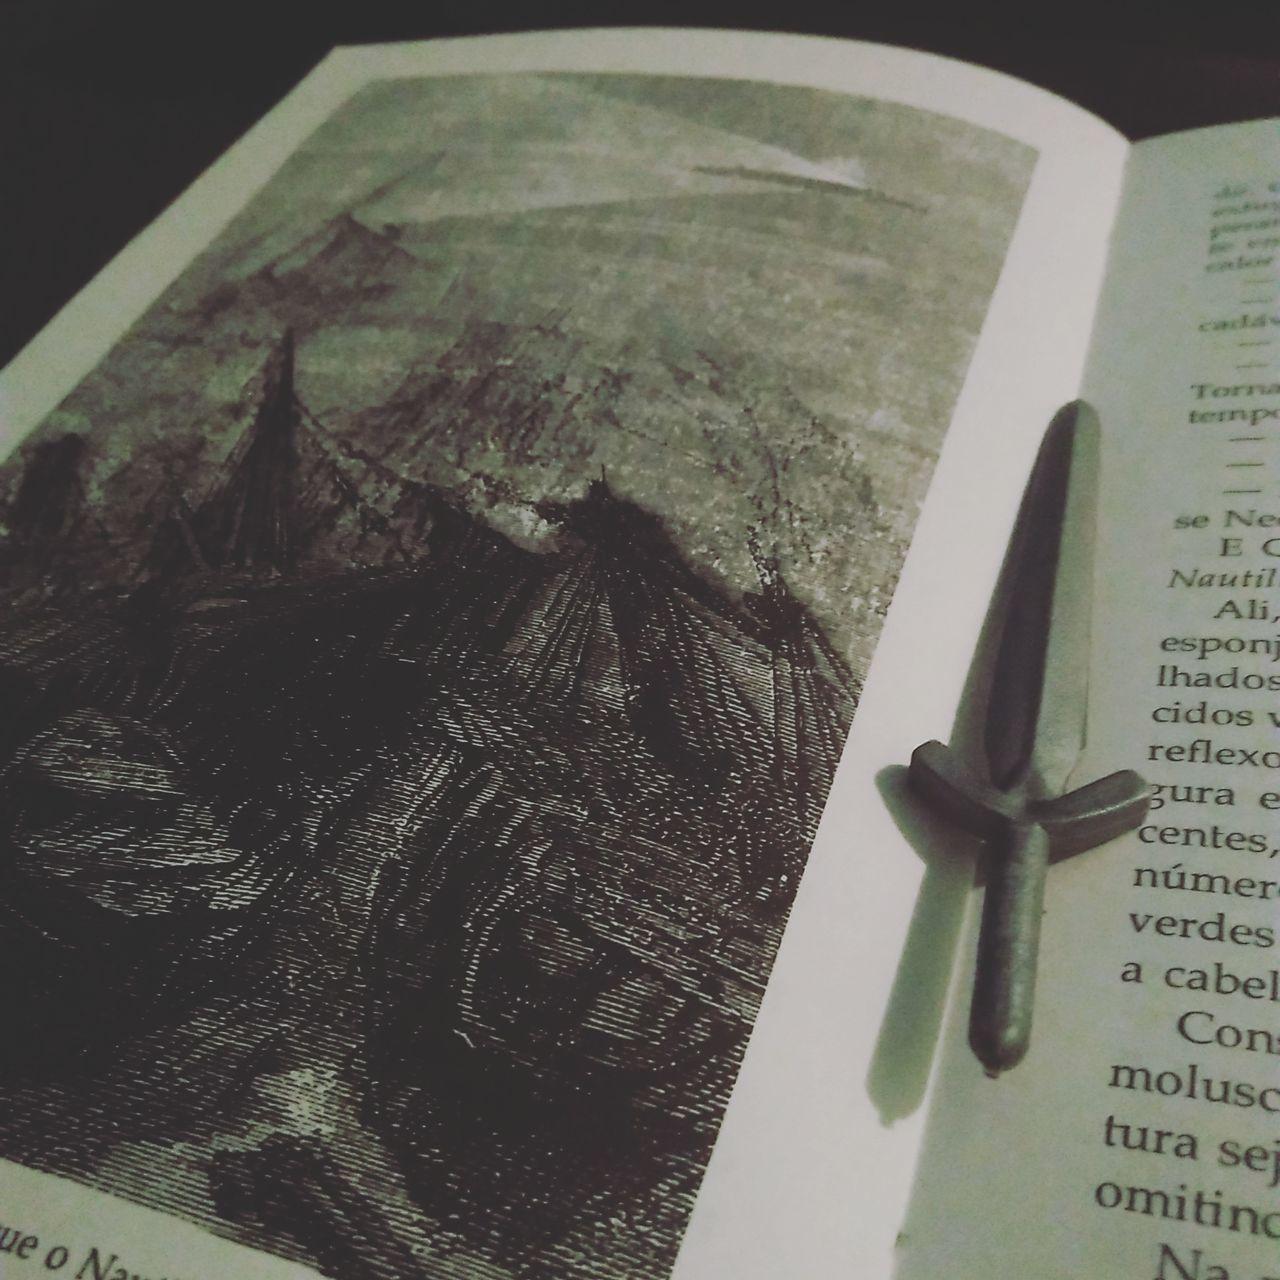 Book Libros Goodnight Books ♥ Bookstagram BookLovers War Peace Sword Livrosdeecabeceira Livrosquemefascinam Livrosemaislivros Inspirational Inspirations Everywhere. Photooftheday Indoors  Close-up No People